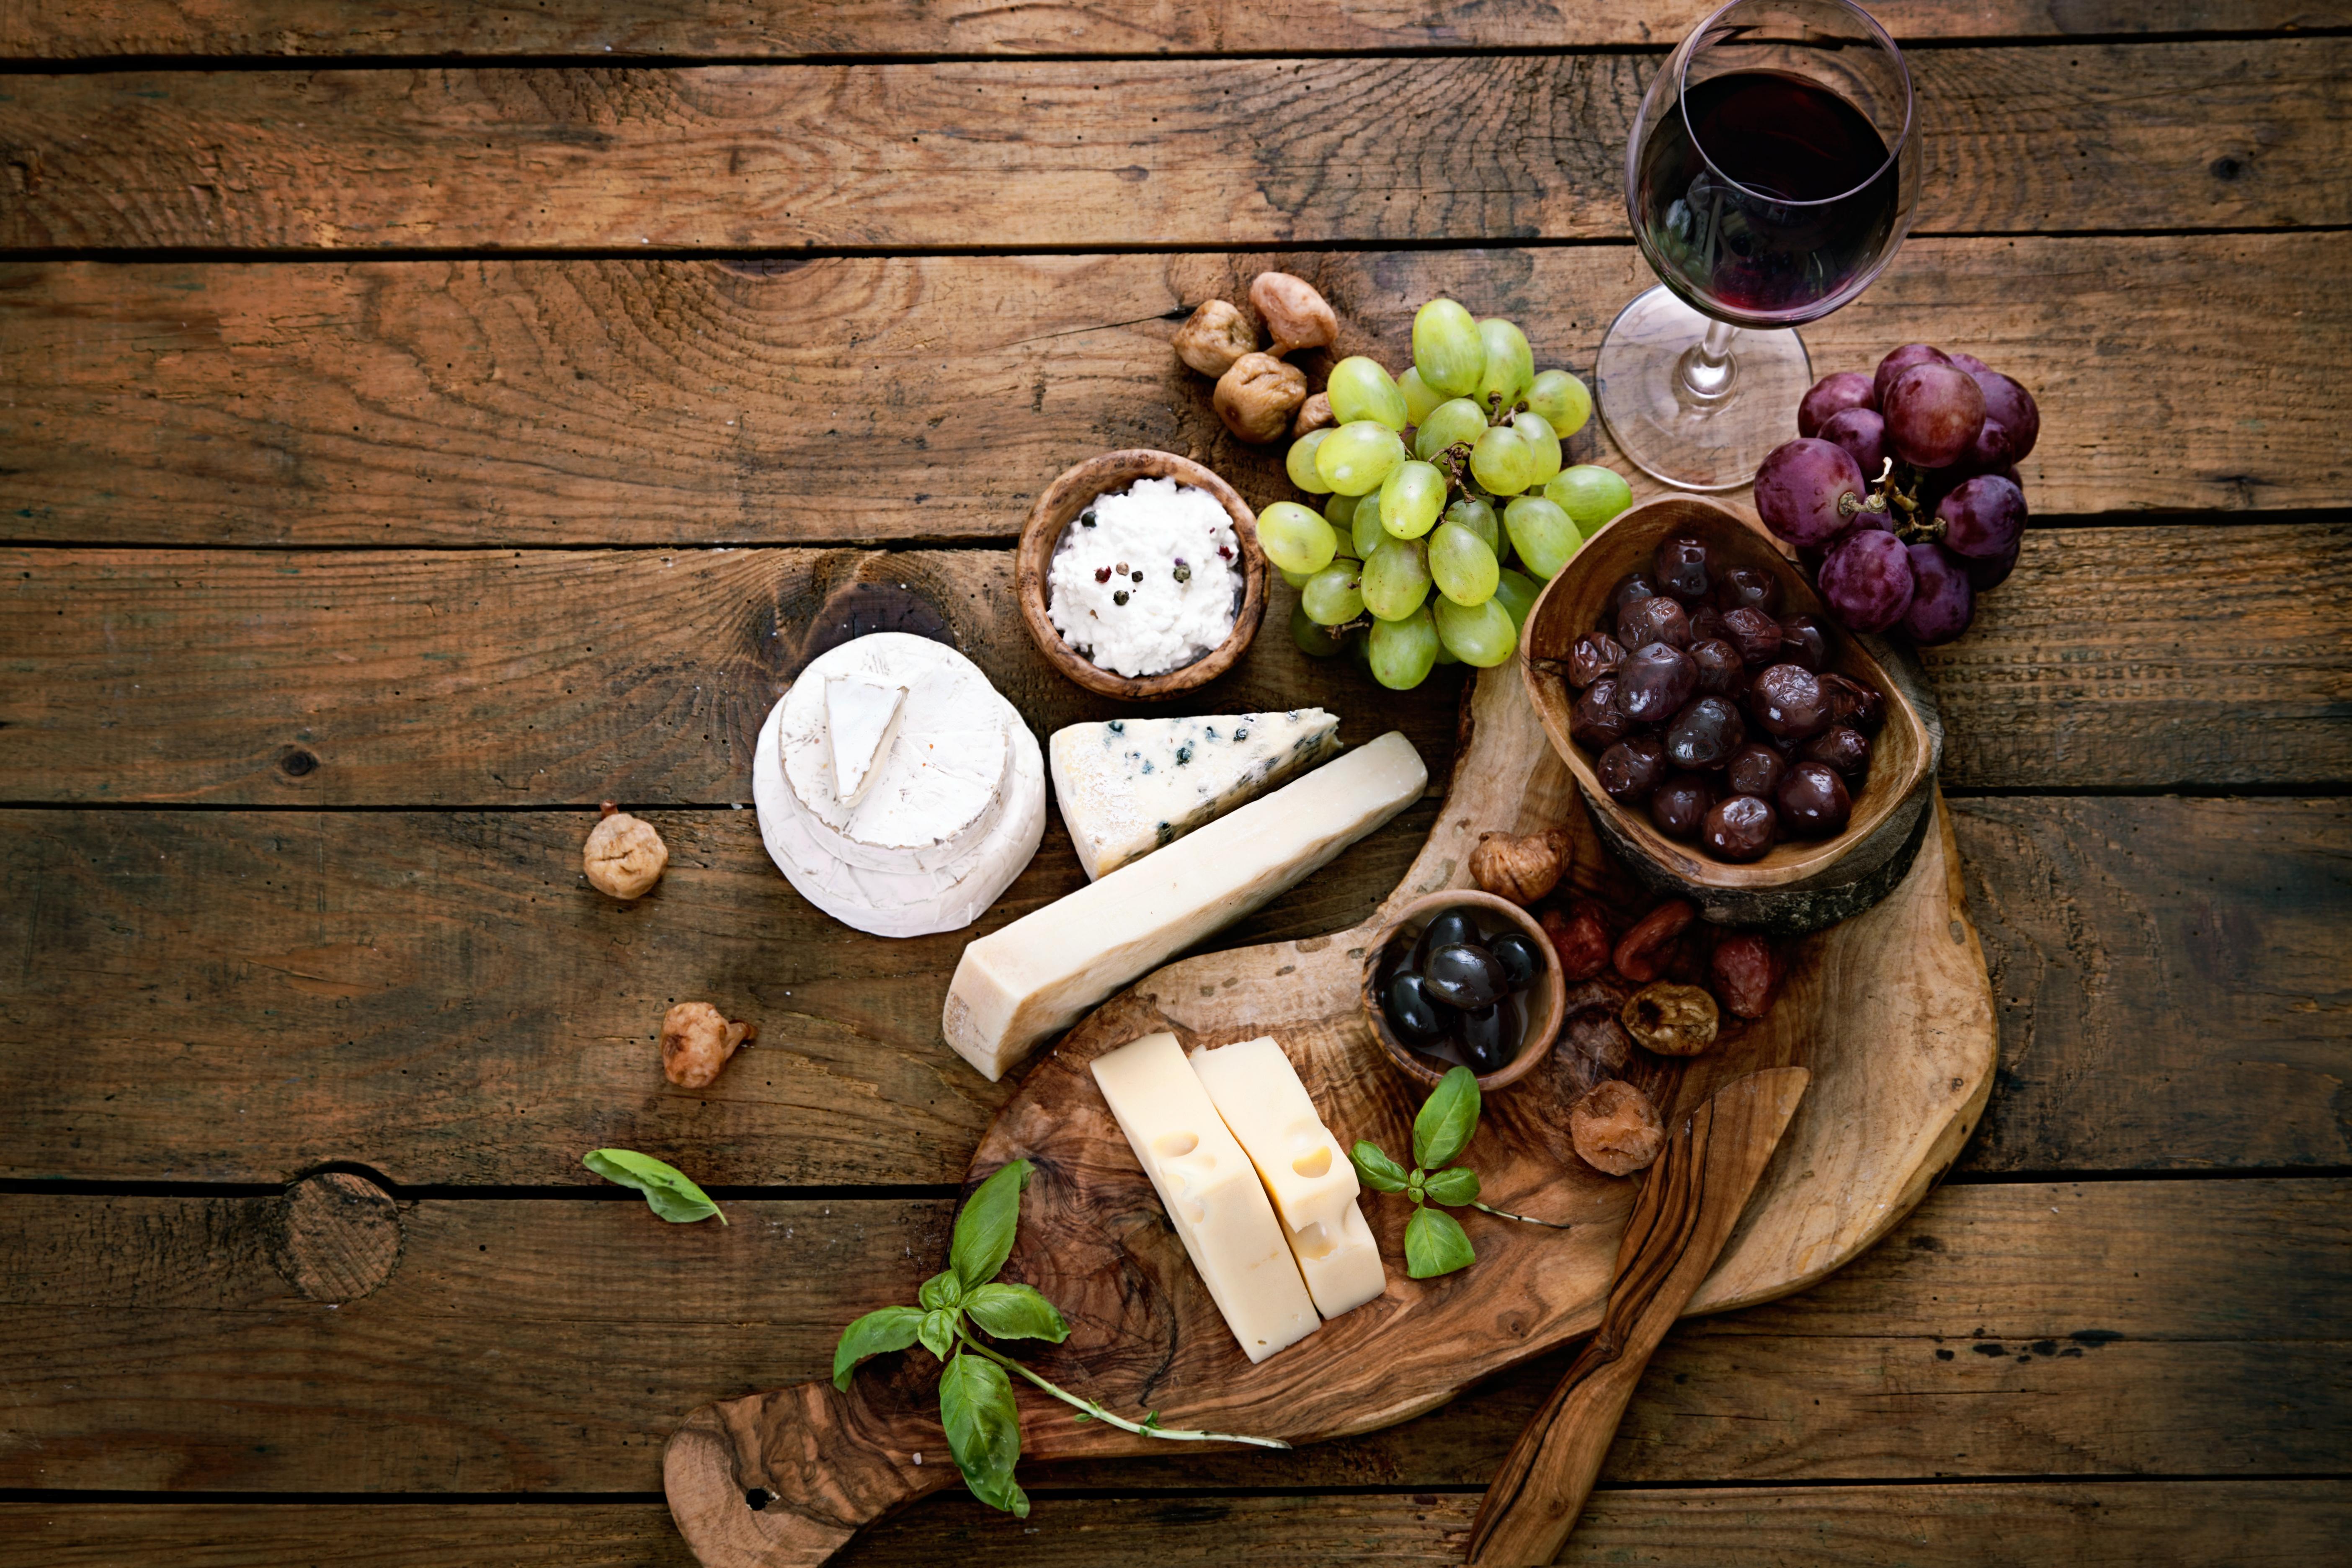 פלטת גבינות וענבים מושקעת לאירוח